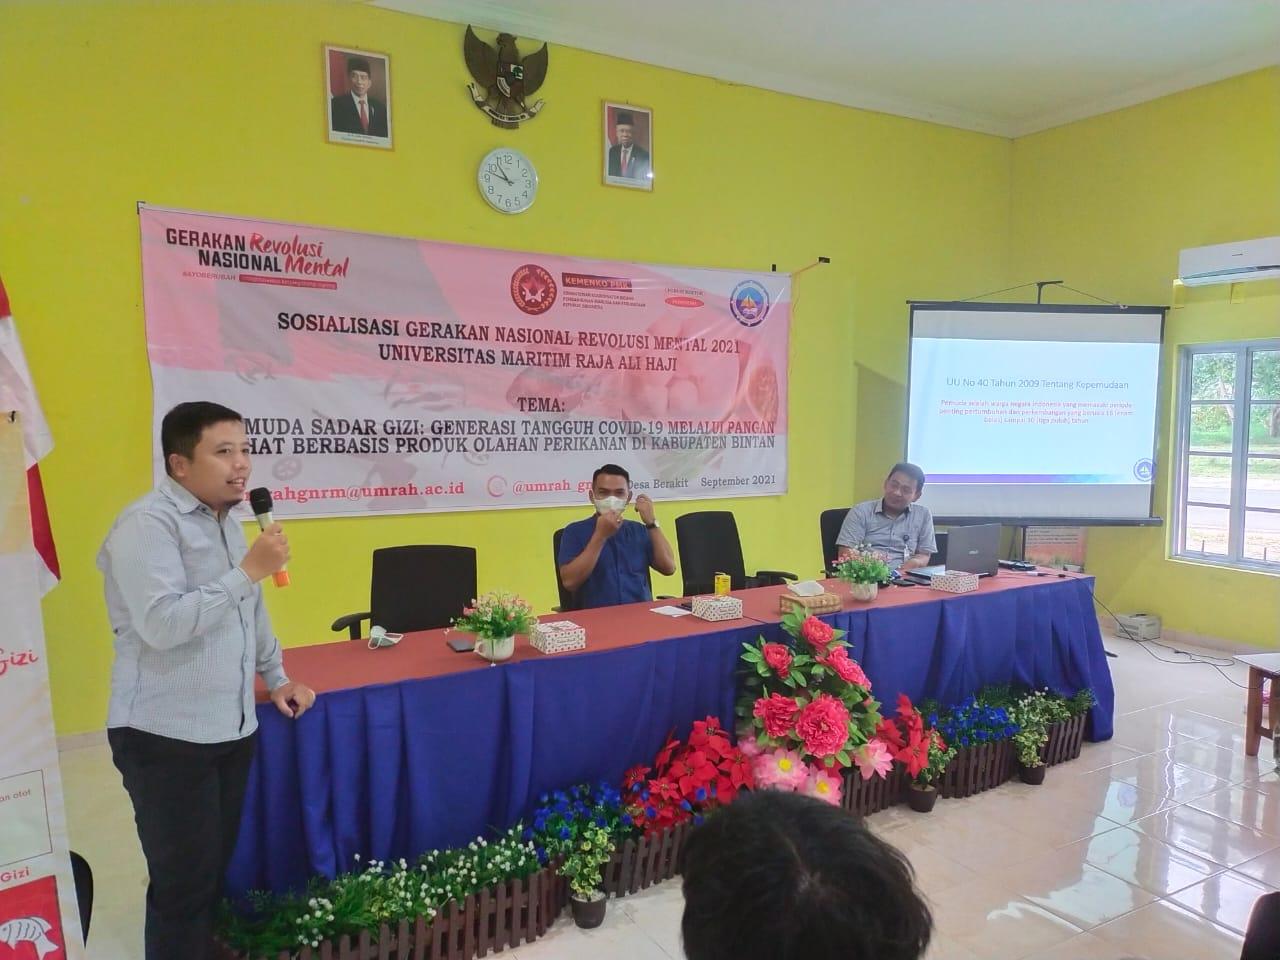 Ket Foto (dari kiri ke kanan) Aditya Hikmat Nugraha, S.Pi., M.Si, Sekdes Berakit Bpk. Majenur dan Aidil Fadly Ilhamdi, S.Pi, M.Si (Ketua Pokja GNRM UMRAH 2021)